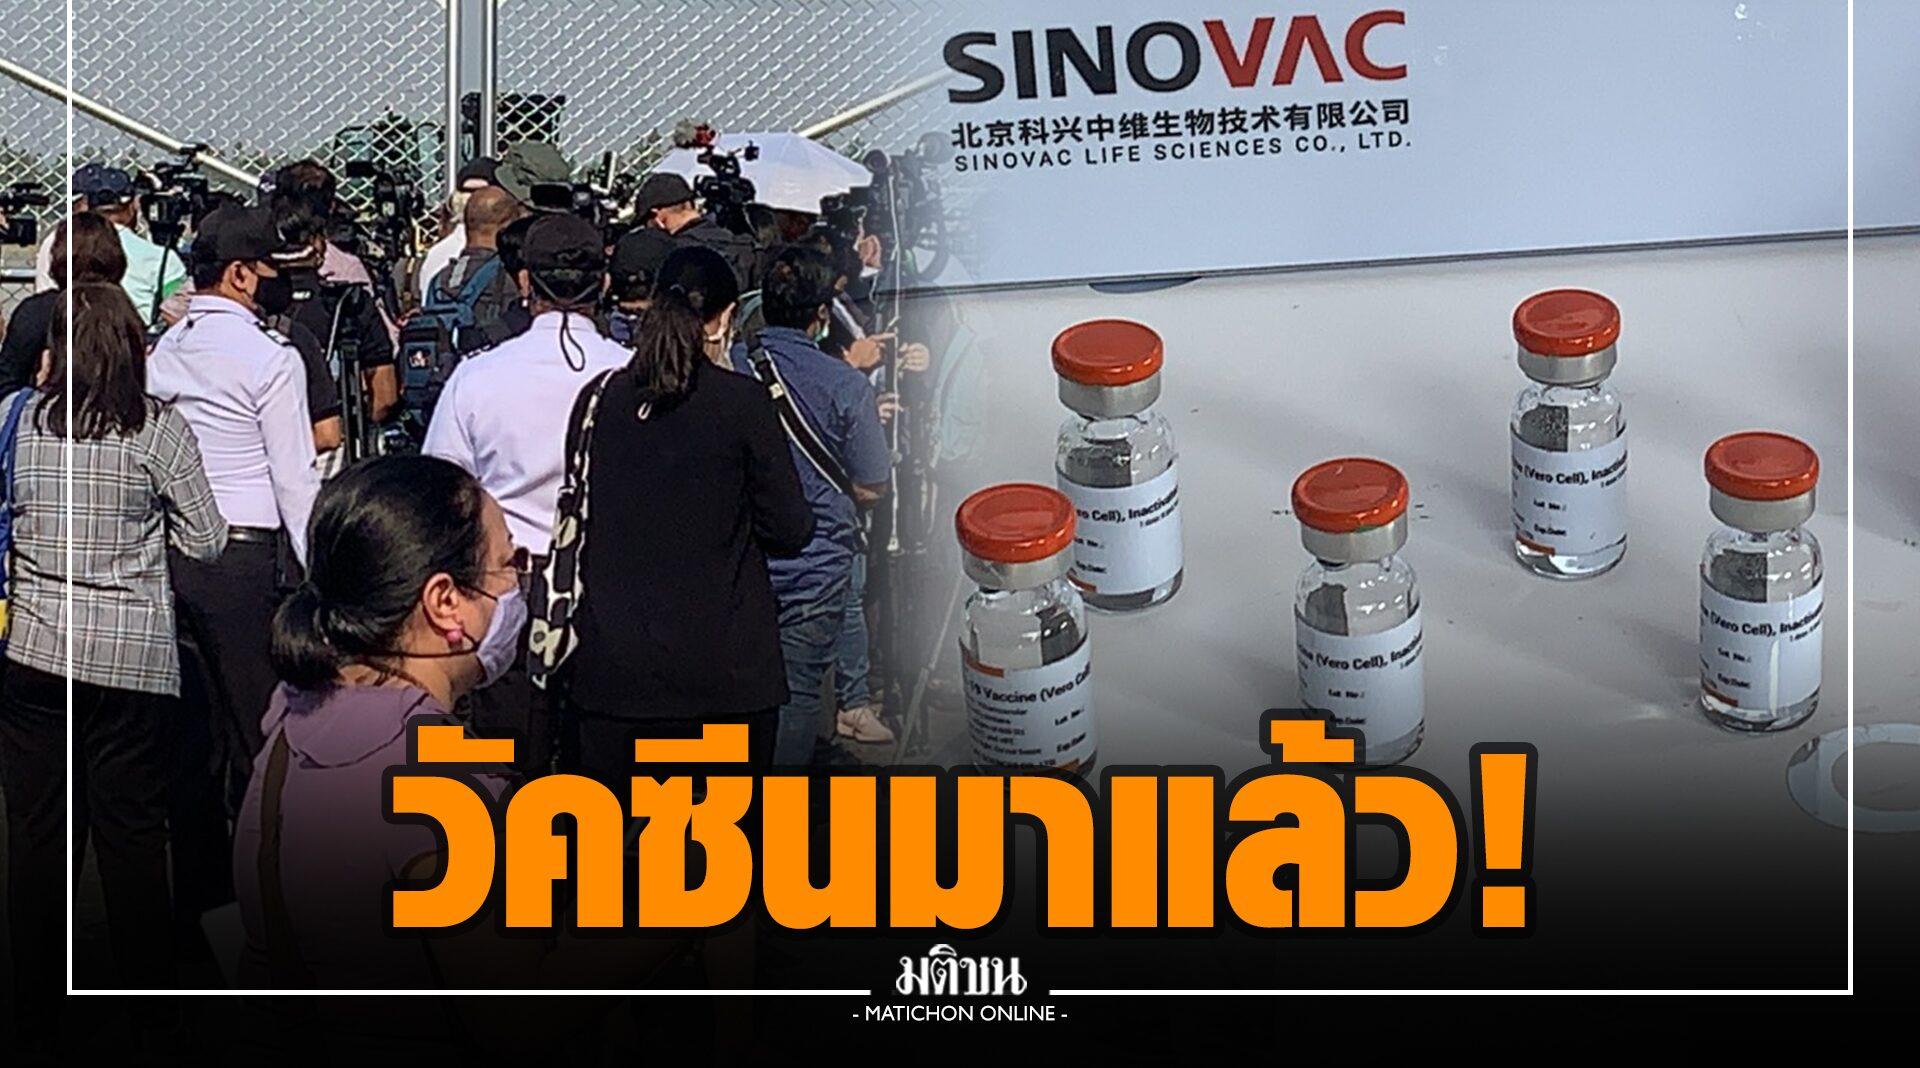 สุวรรณภูมิคึกคัก! 'บิ๊กตู่' เป็นประธานรับวัคซีนชิโนแวค ภายใต้ชื่อ วัคซีนโควิด-19 คืนรอยยิ้มประเทศไทย